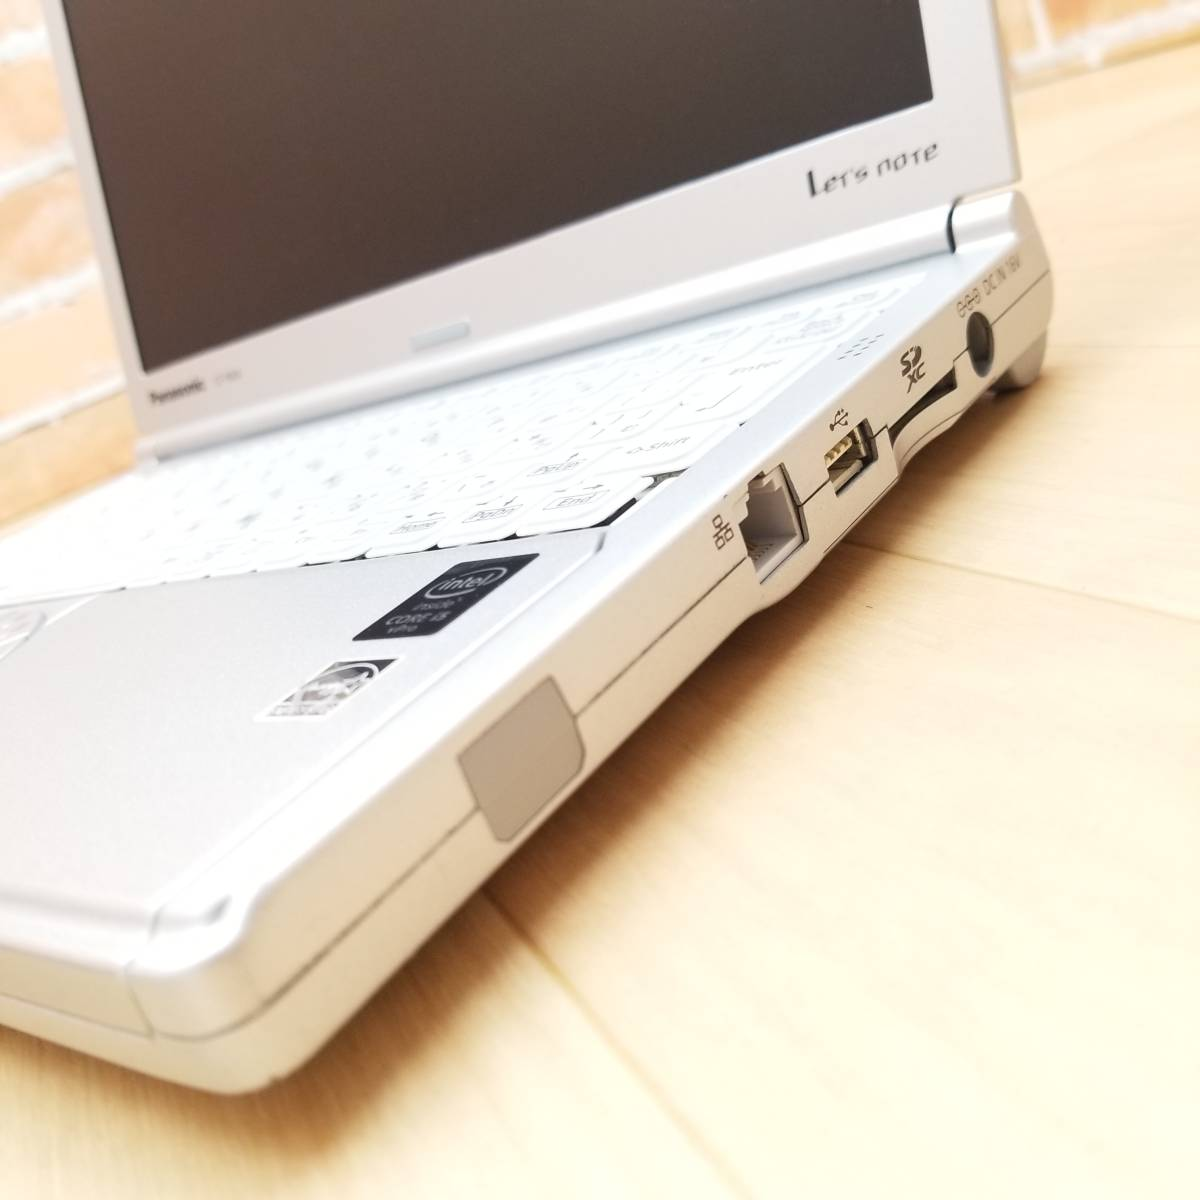 ★2015年モデル・美品★高性能第5世代i5(ターボ)搭載/HDD320GB/メモリ8GB/Wi-Fi/Webカメラ/最新Office搭載/Win10/Let'snote CF-NX4(C7010)_★USB2.0搭載★